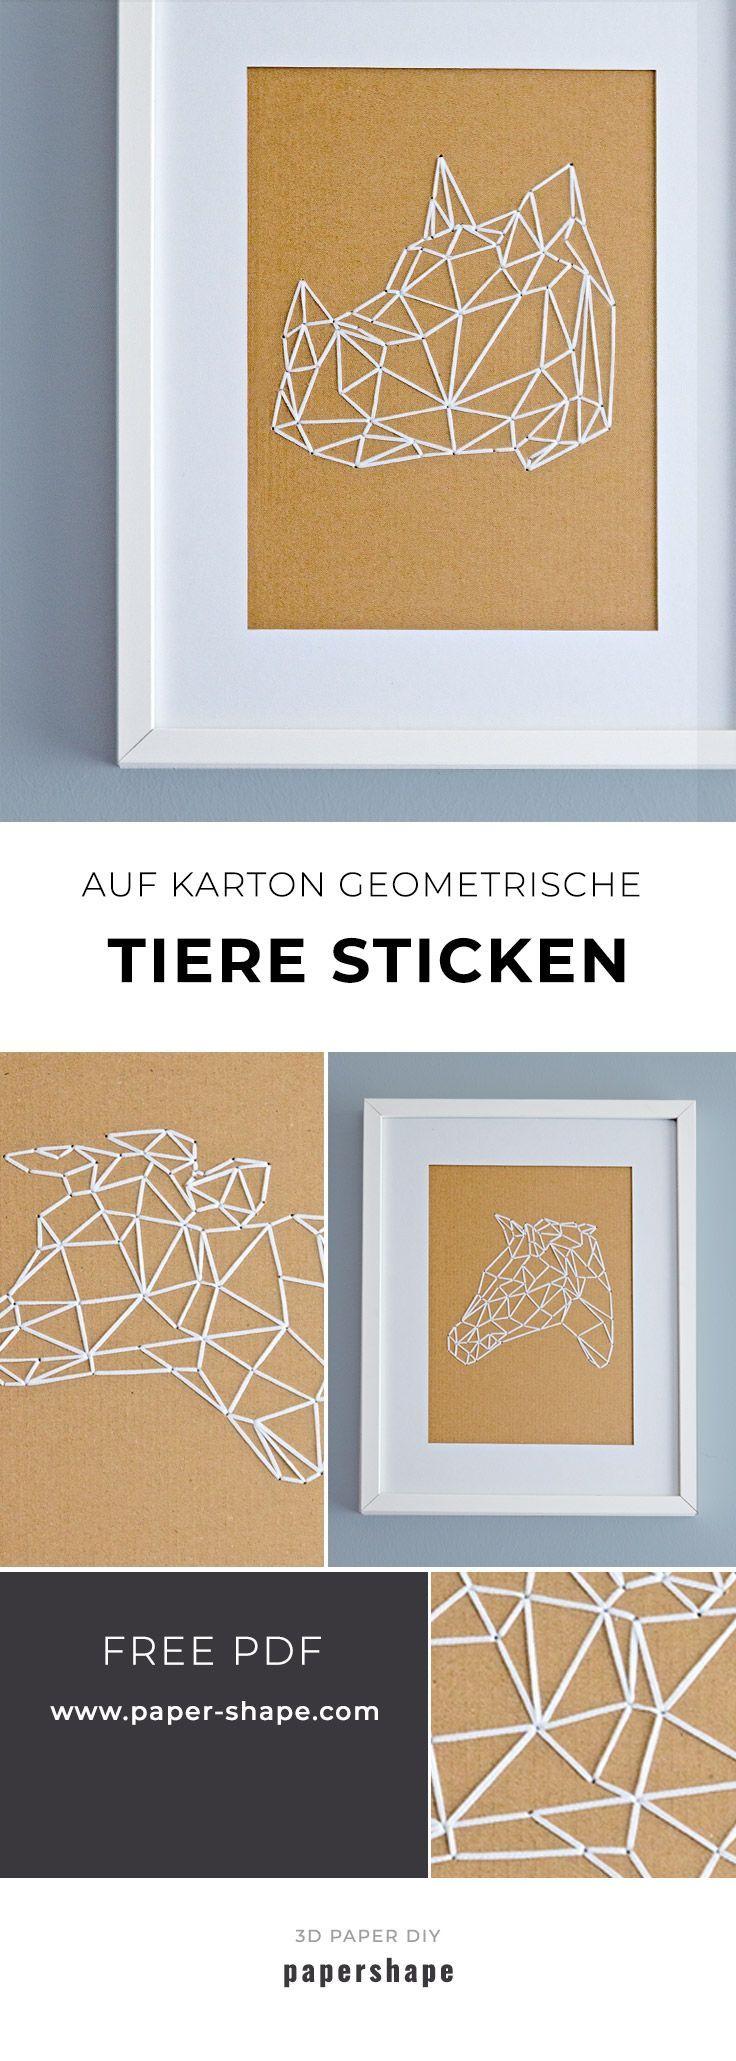 Animaux géométriques brodés sur carton (avec modèle gratuit)   – Basteln mit Papier – Papershape Vorlagen